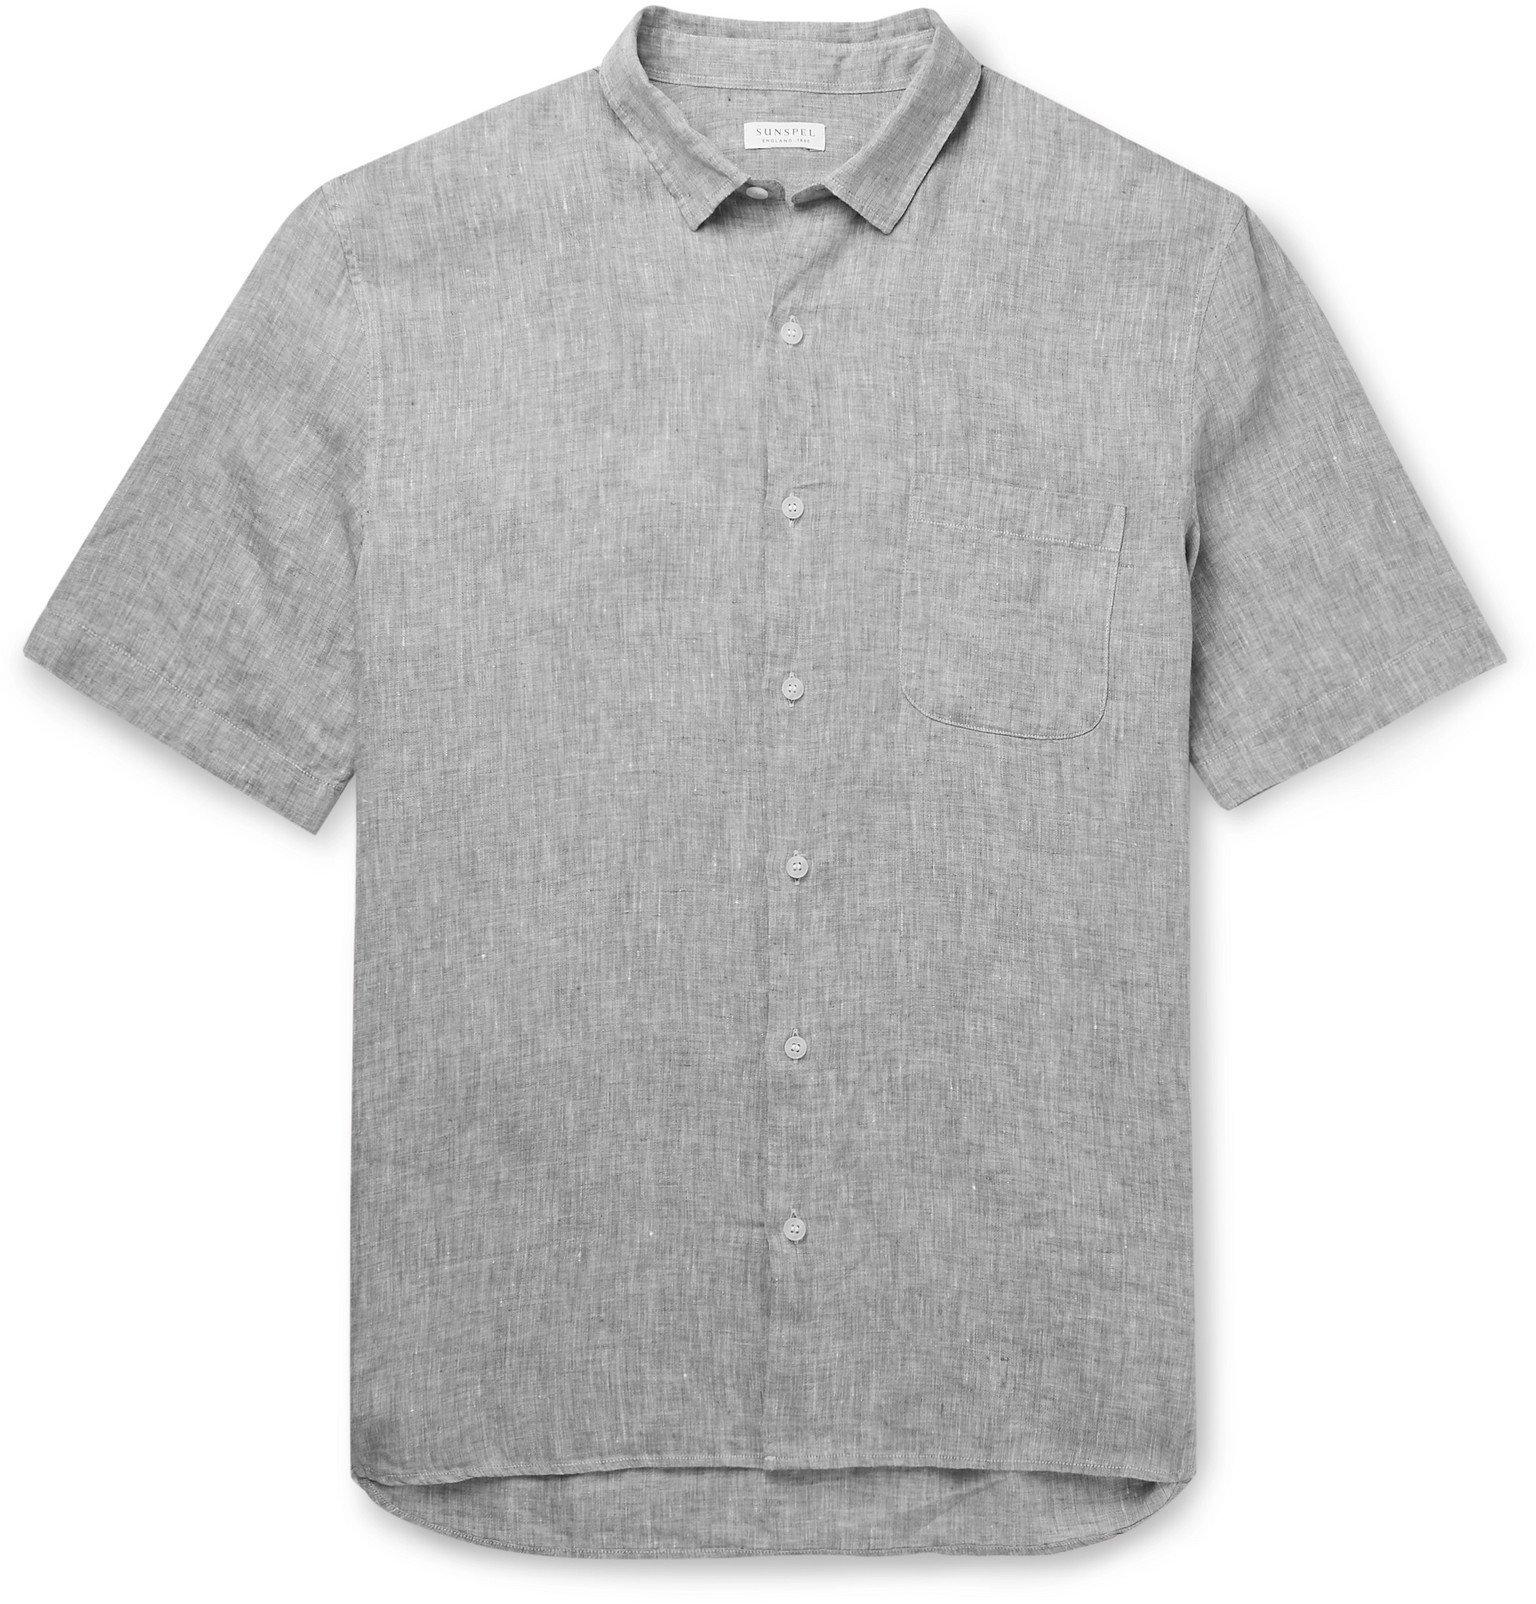 Sunspel - Checked Linen-Canvas Shirt - Gray